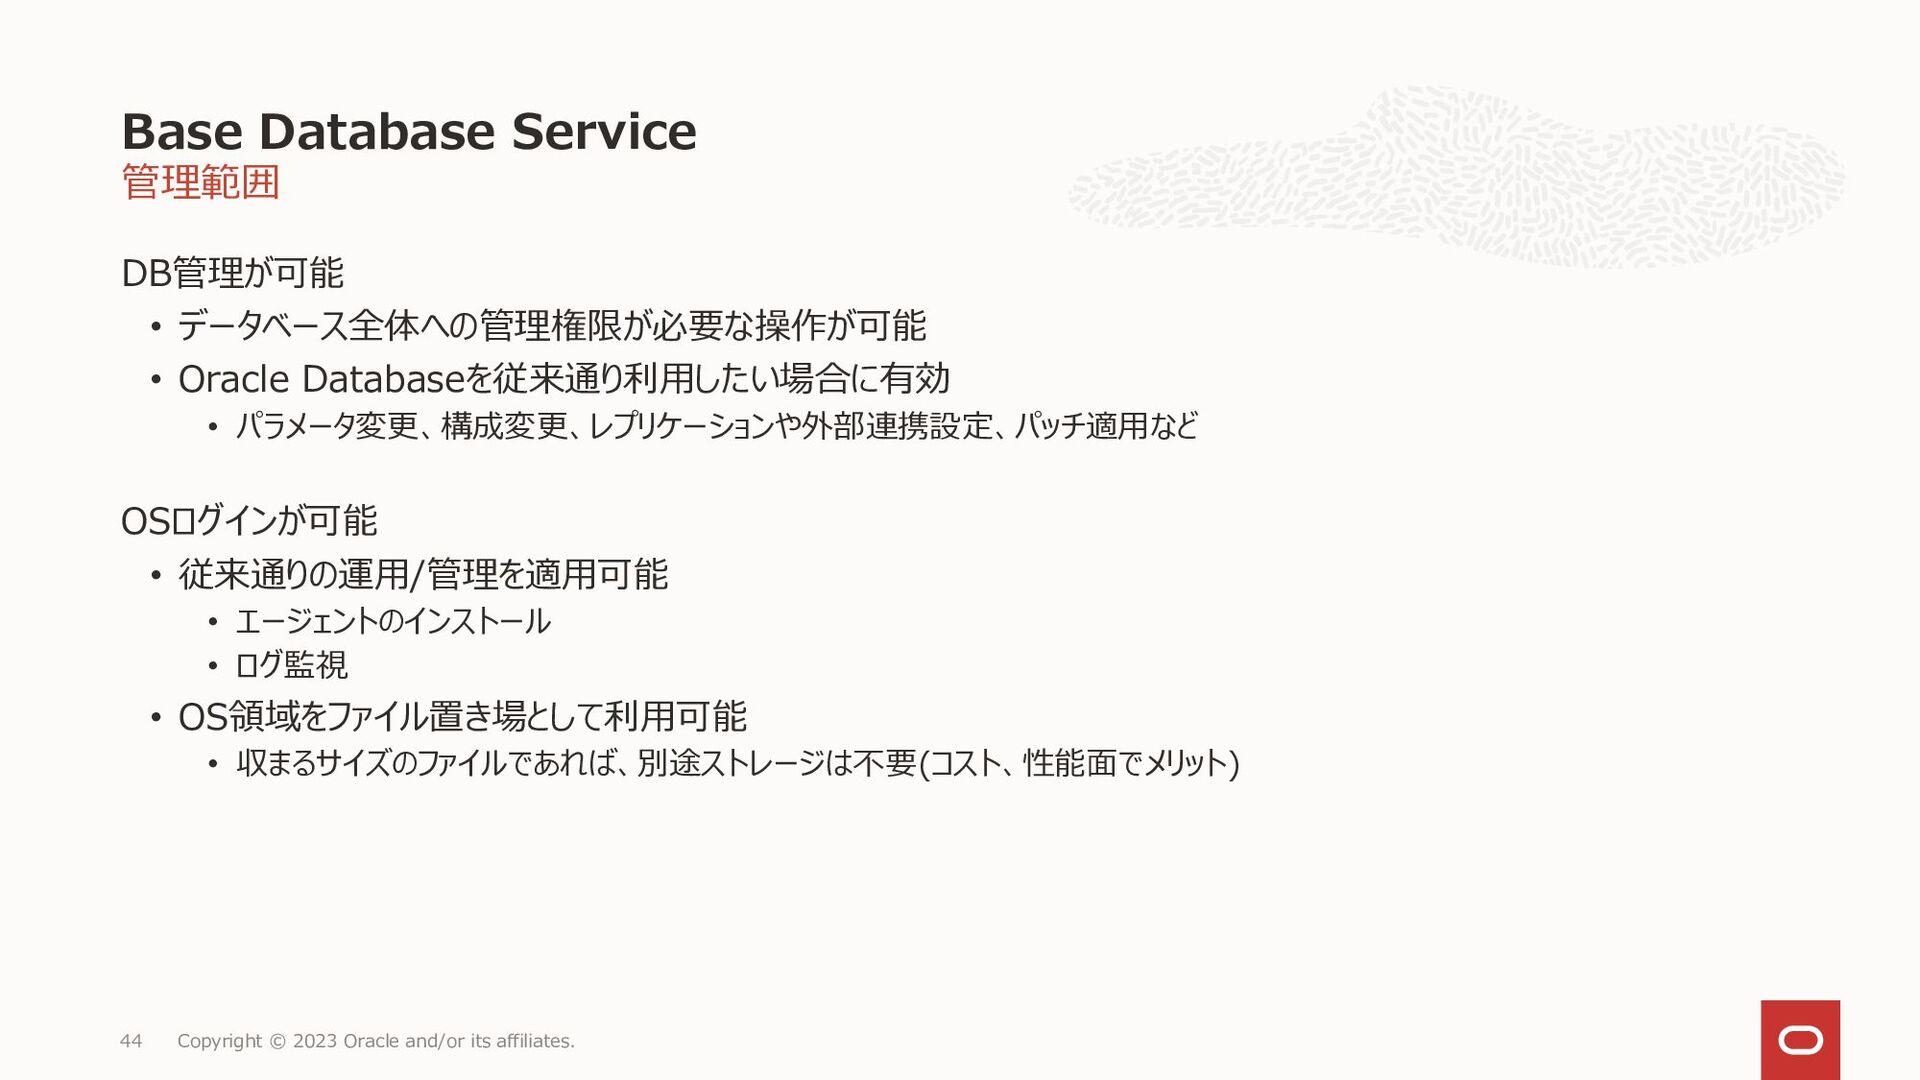 44 DB作成、起動/停止、バックアップ取得などの 作業進捗を確認可能 確認可能な作業の詳細は...